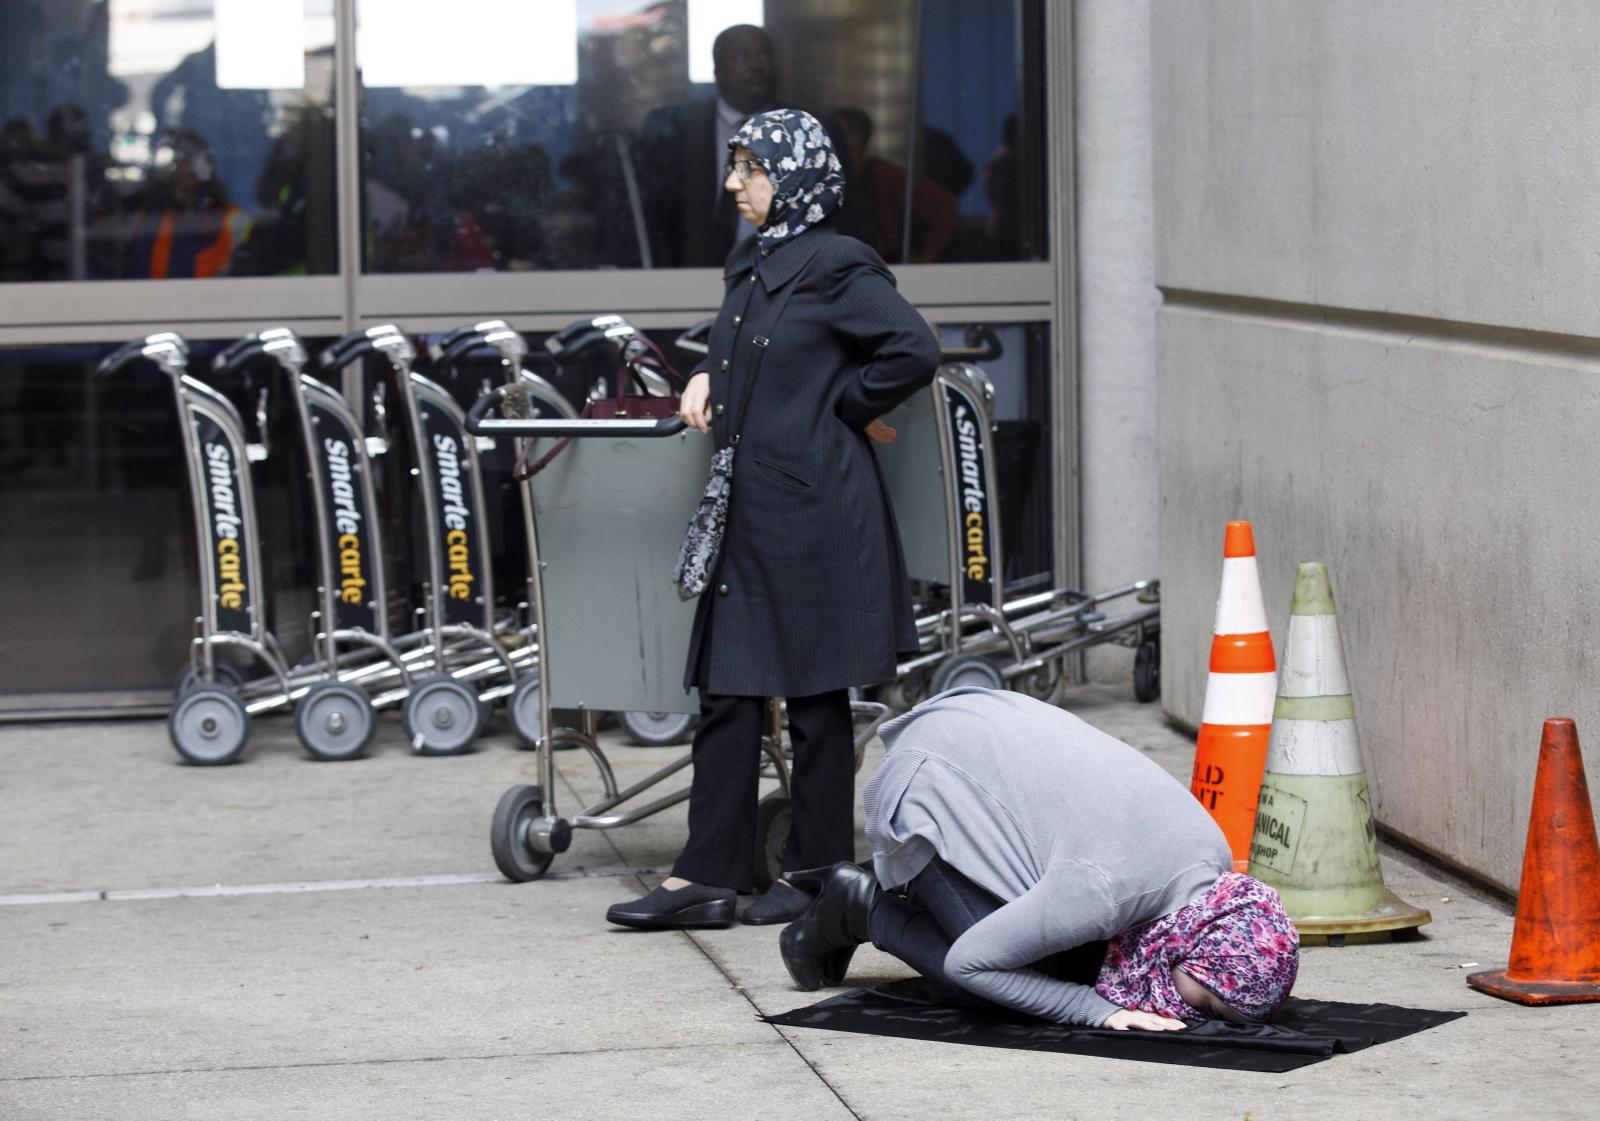 Muzułmanki w czasie protestu przeciwko zablokowaniu przez prezydenta Donalda Trumpa wjazdu do USA muzułmanom z niektórych krajów.